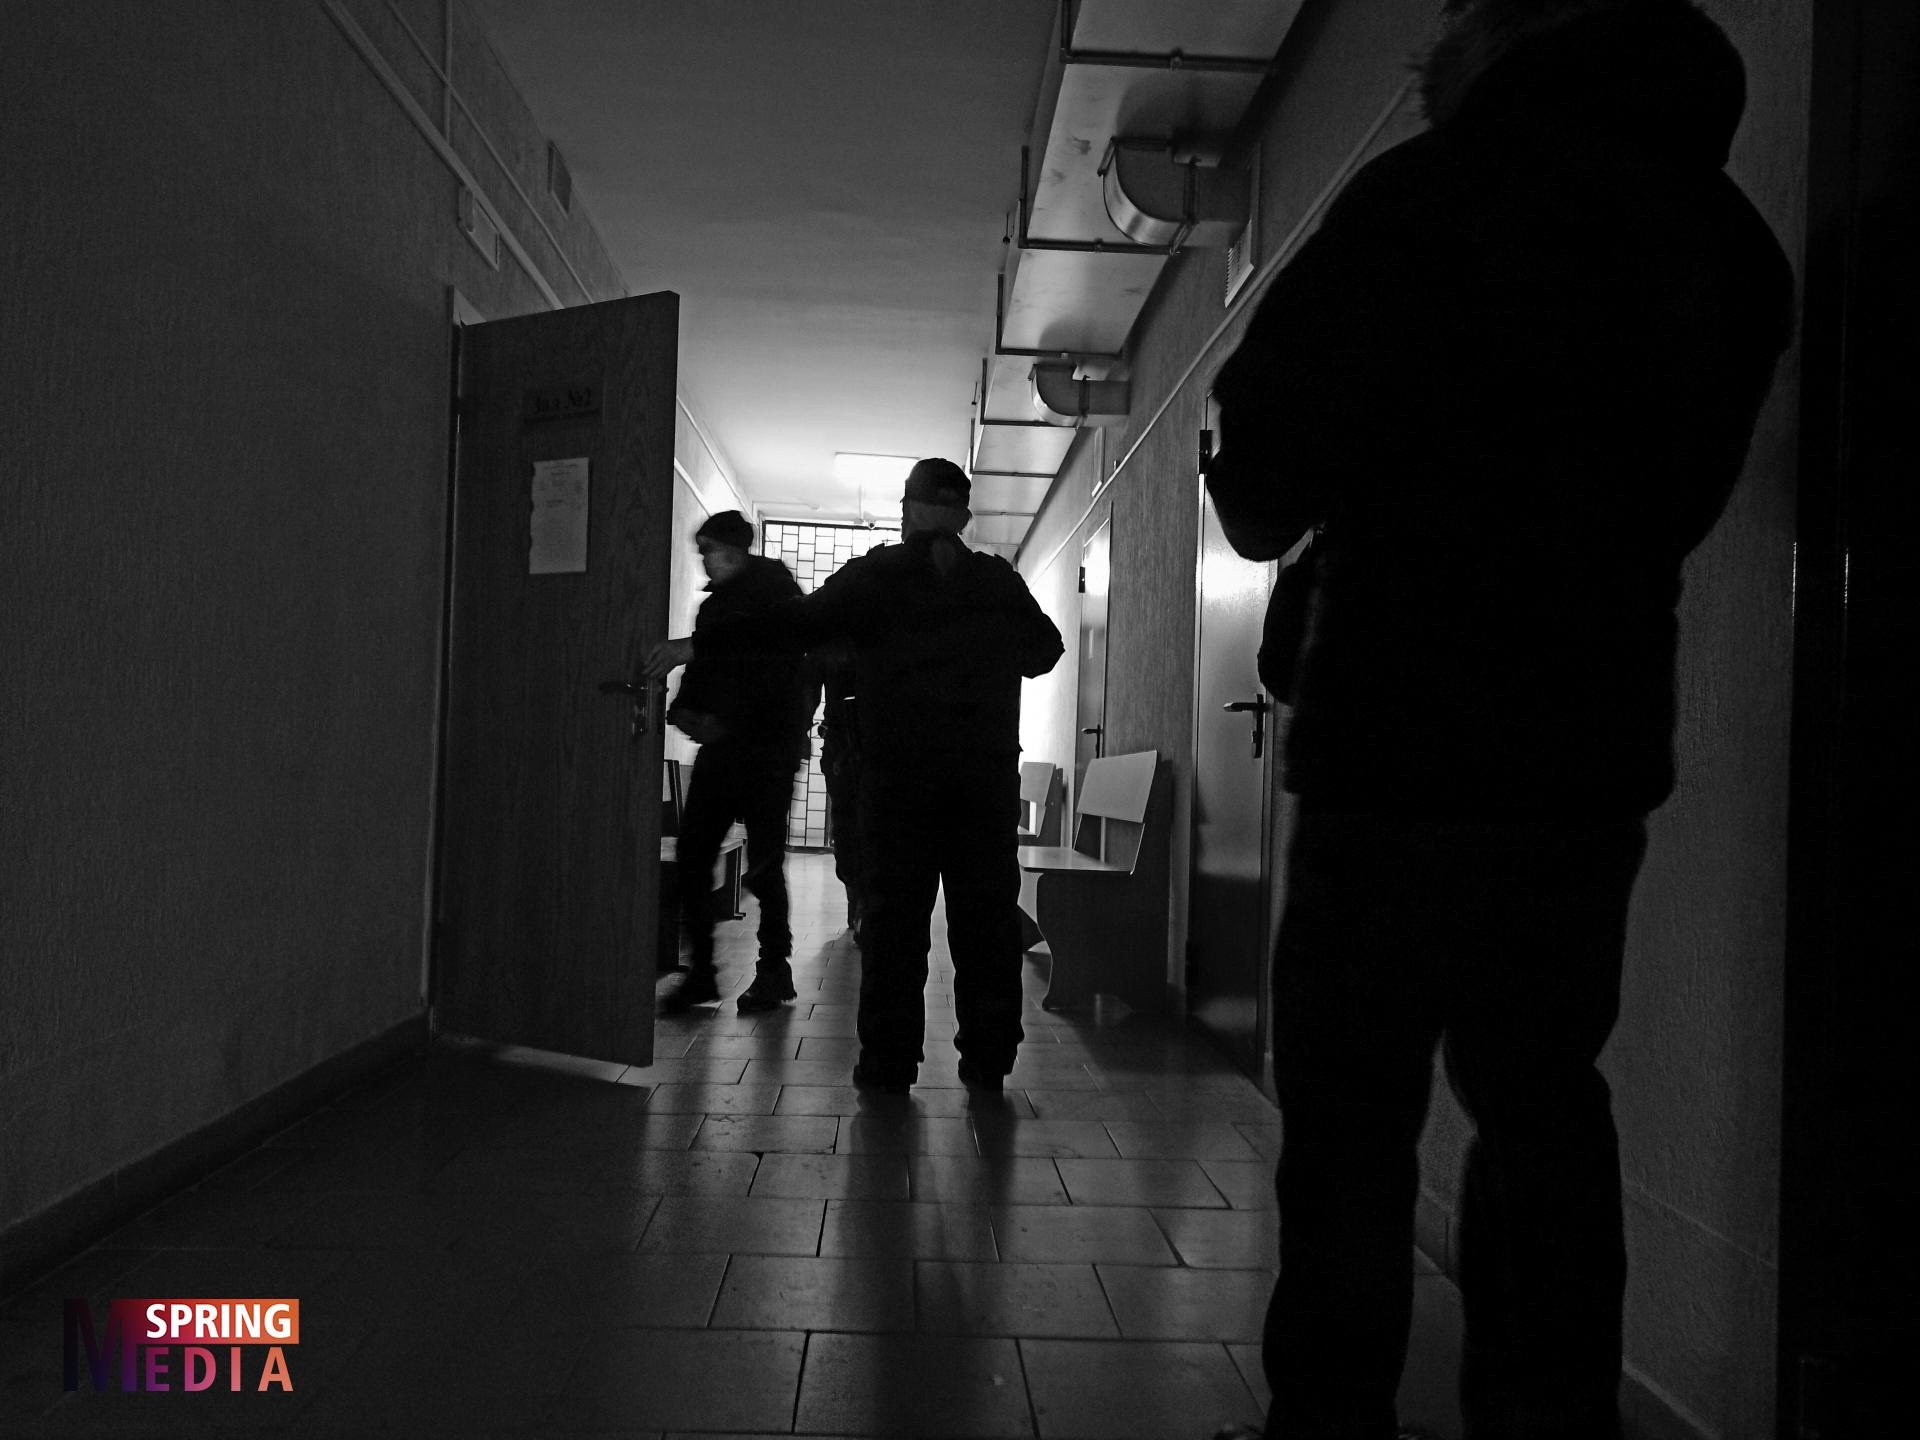 У Магілёве – самы дзіўны суд па «палітычнай крымiналцы» ў краіне. Працэс закрыты, фігуруе зброя